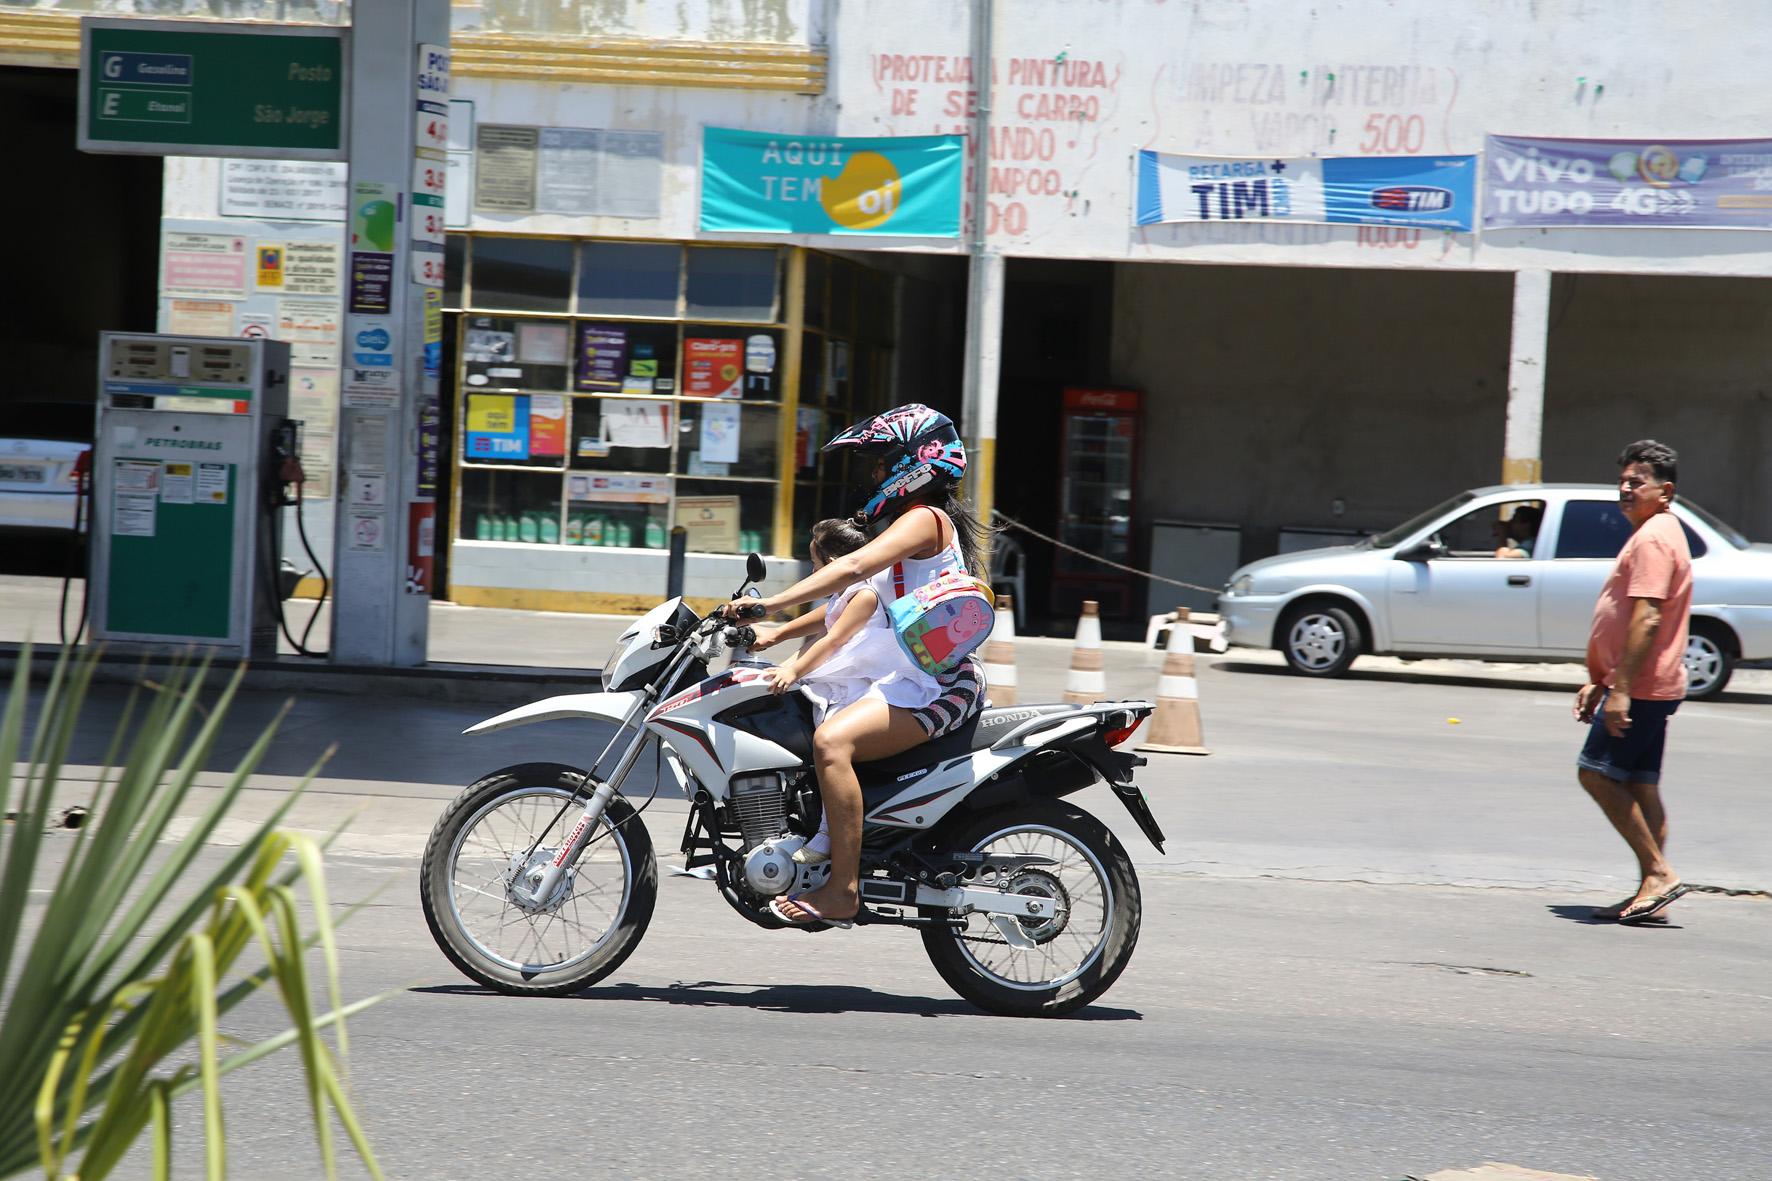 Criança na moto não é brincadeira